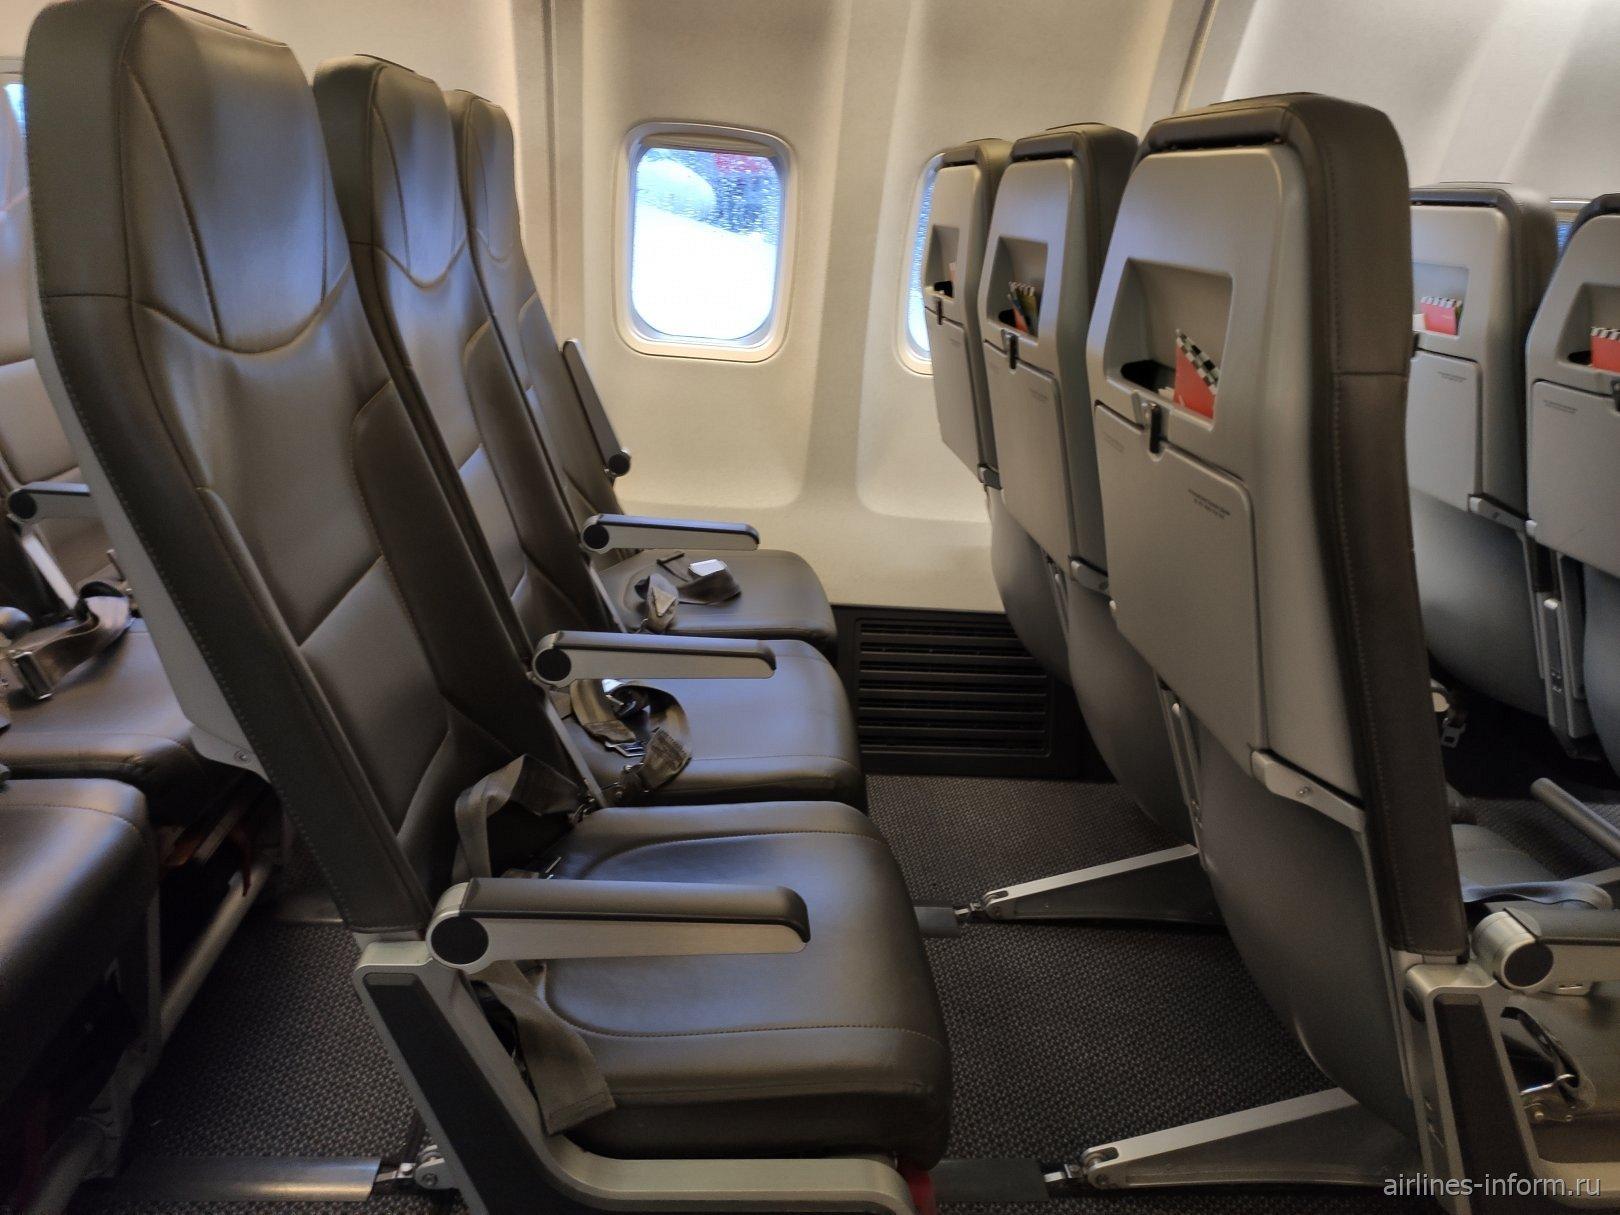 Пассажирские кресла в самолете Боинг-737-800 авиакомпании SkyUp